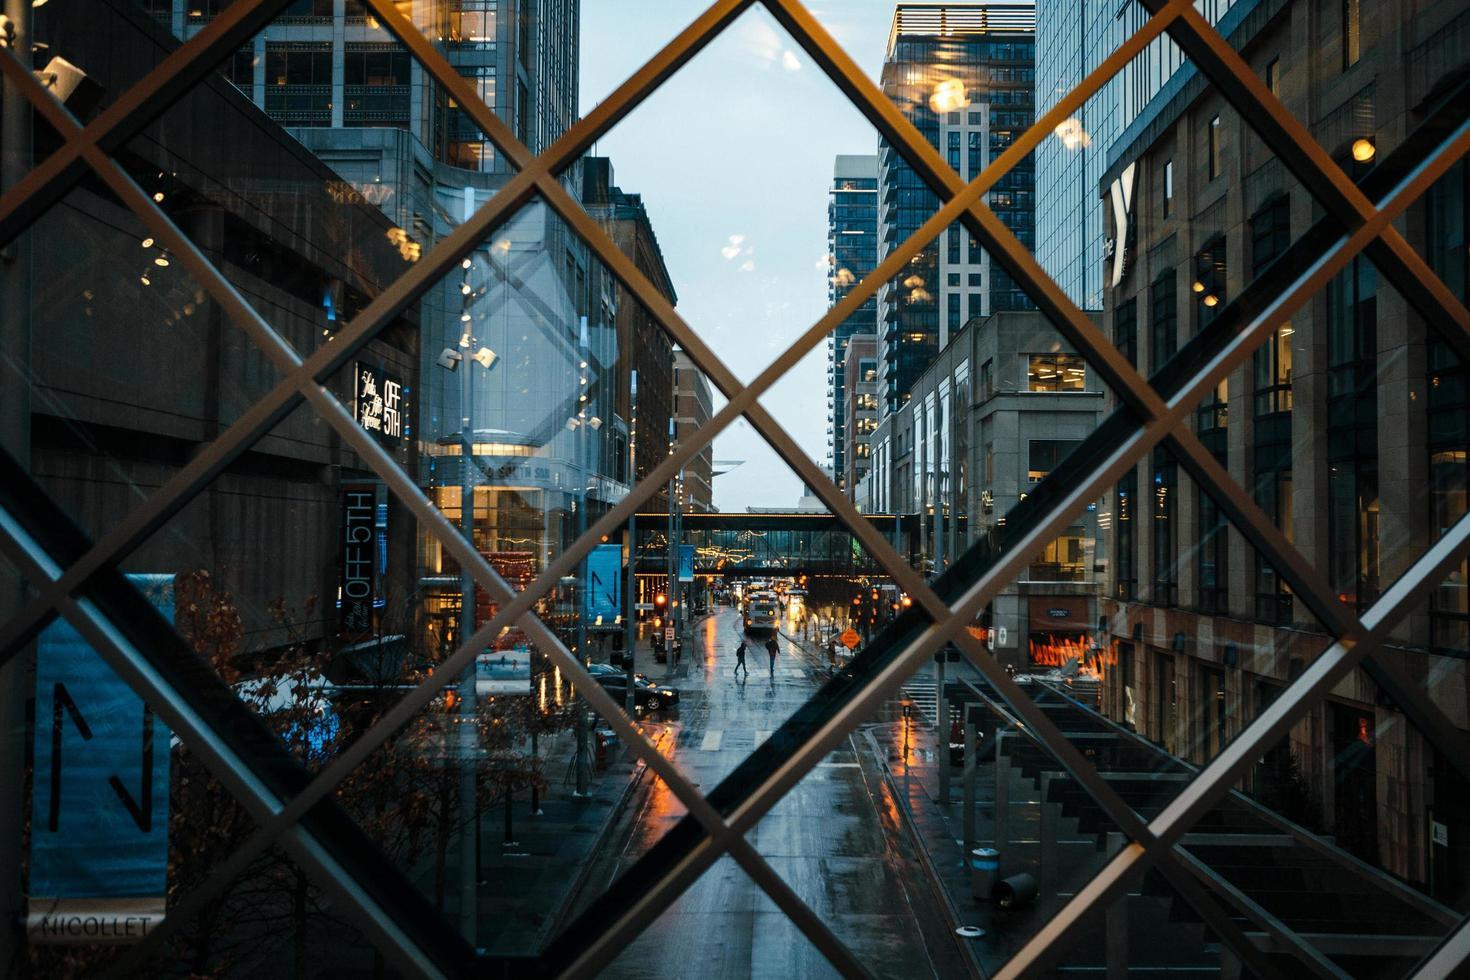 stadsgezicht uitzicht vanaf de brug foto